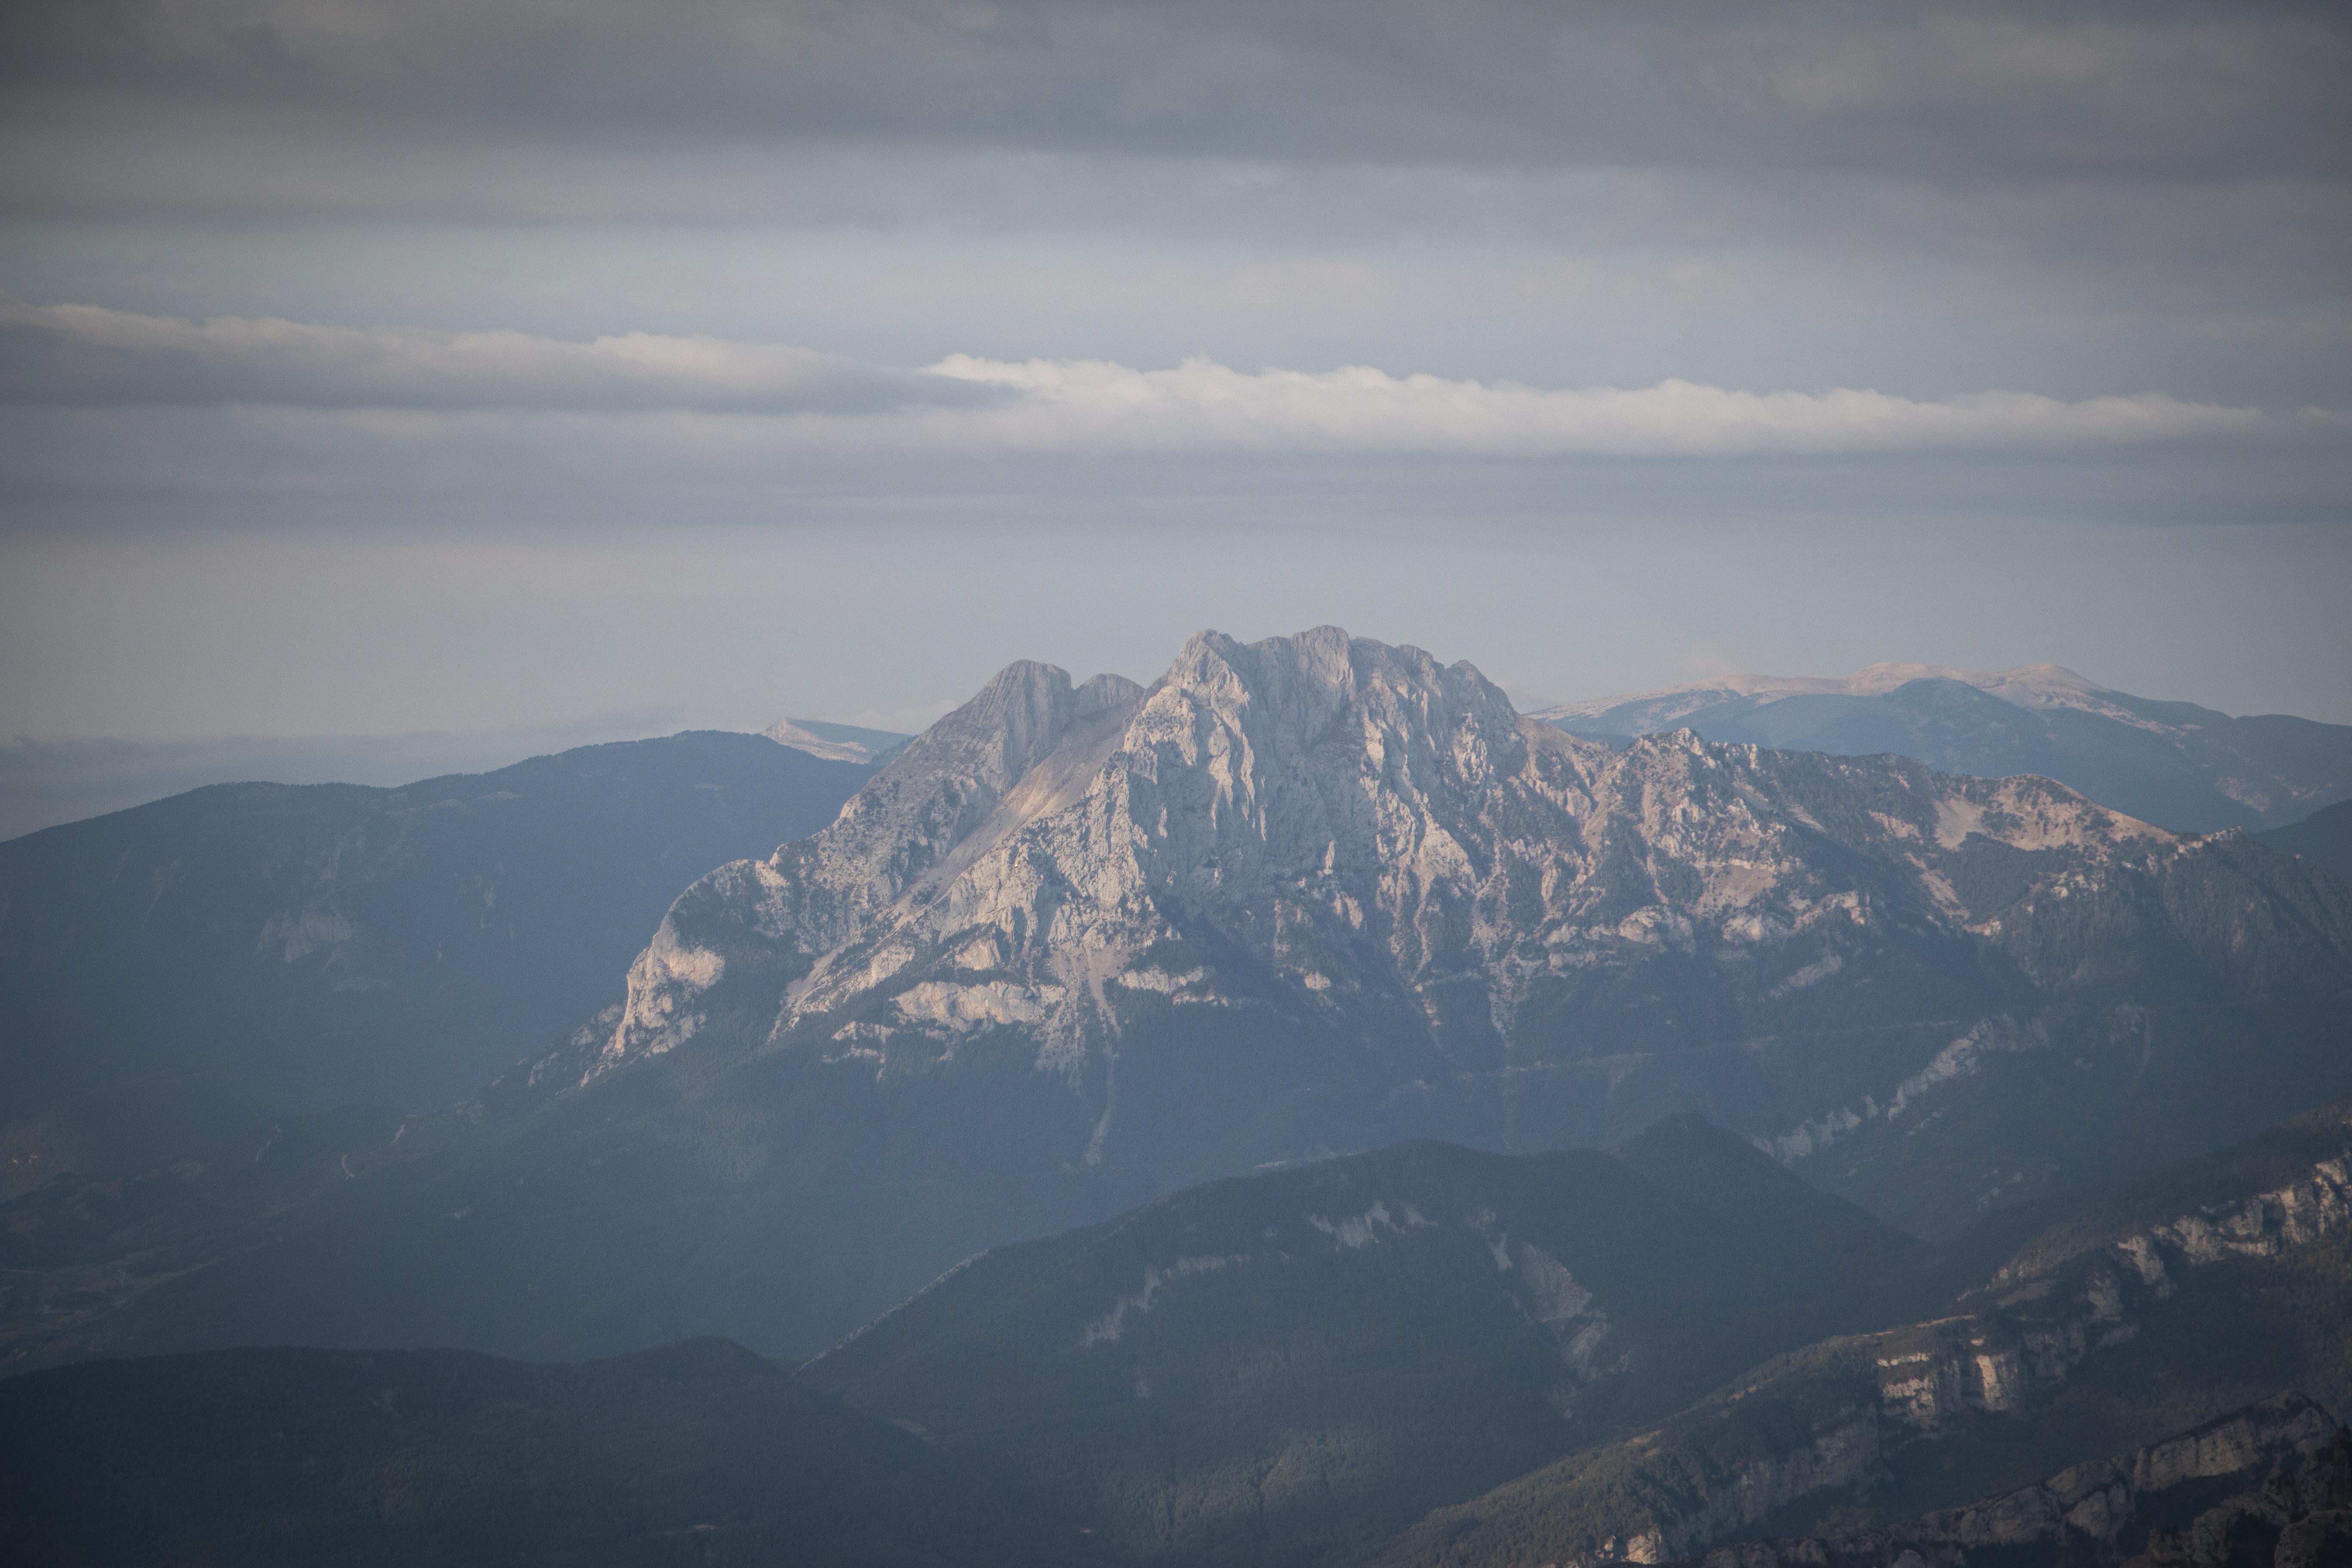 Ultra Pirineu 6. FOTO: Anna E. Puig